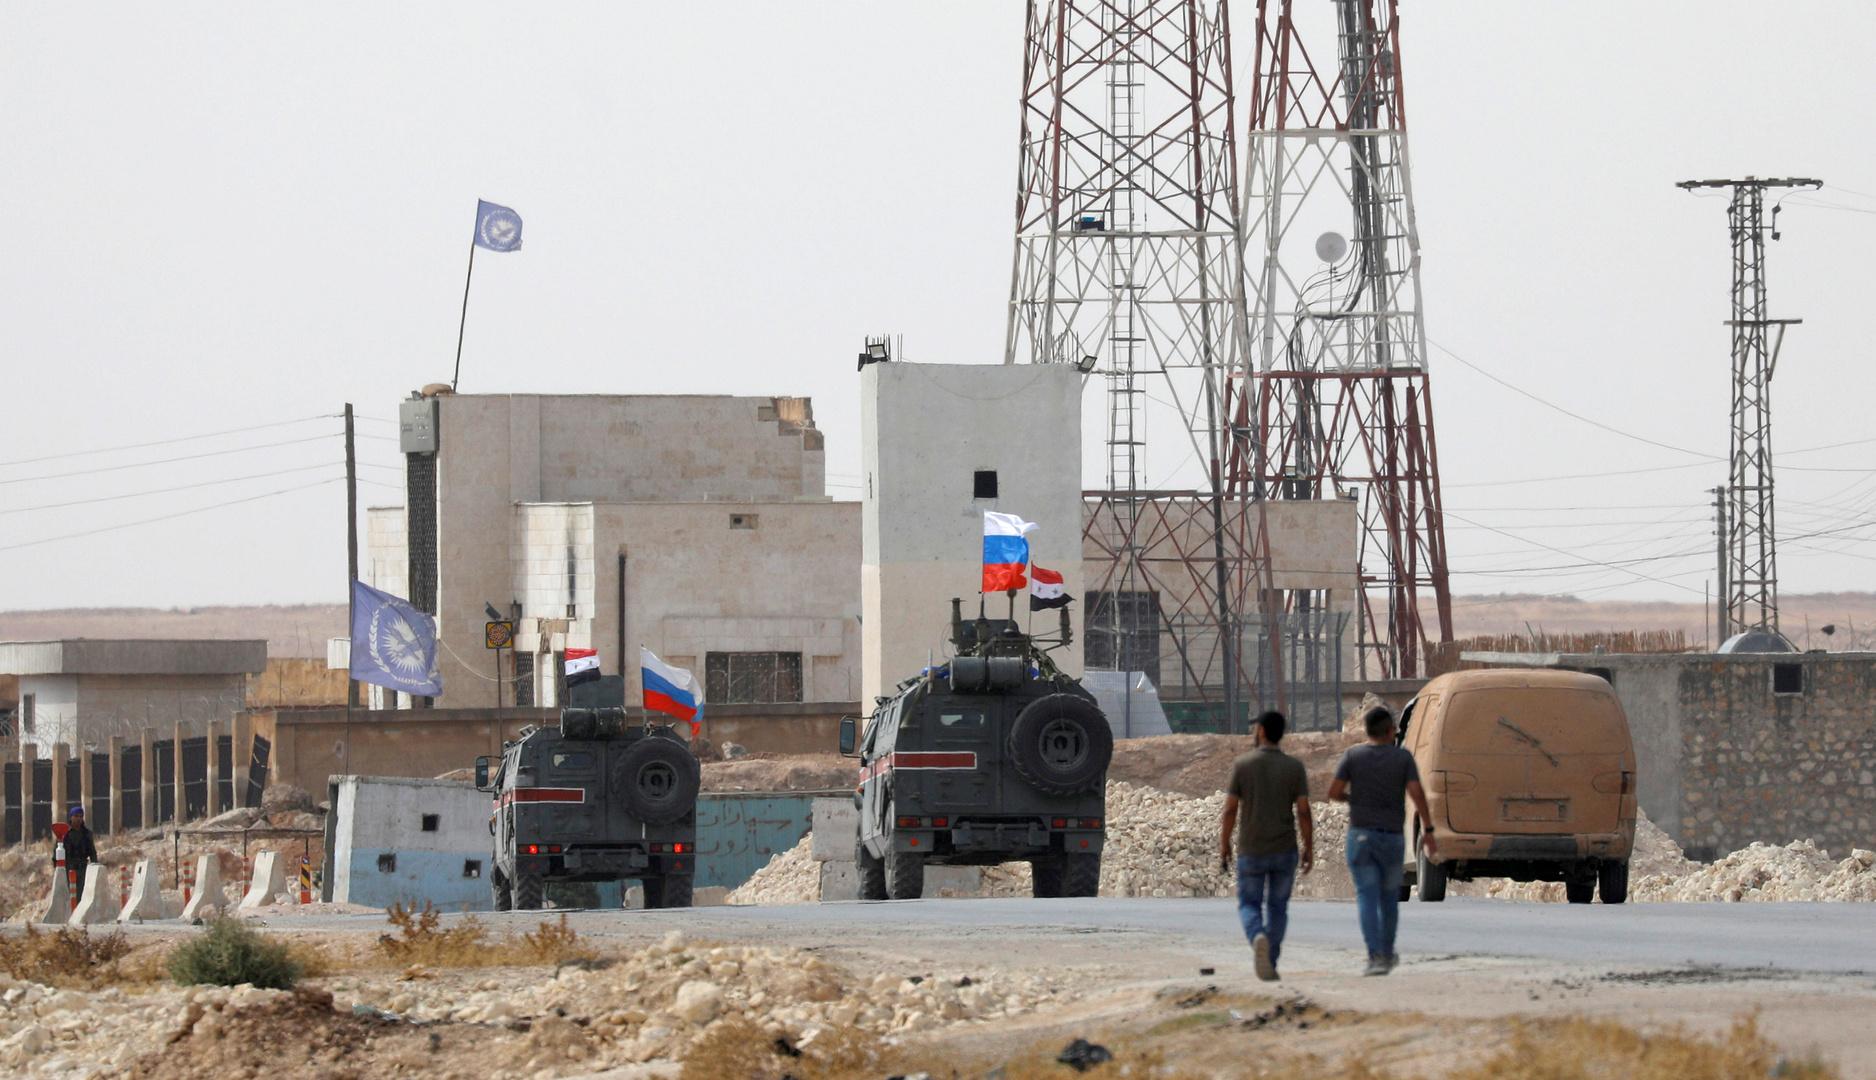 العلمان الروسي والسوري على مركبتين عسكريتين قرب مدينة منبج السورية